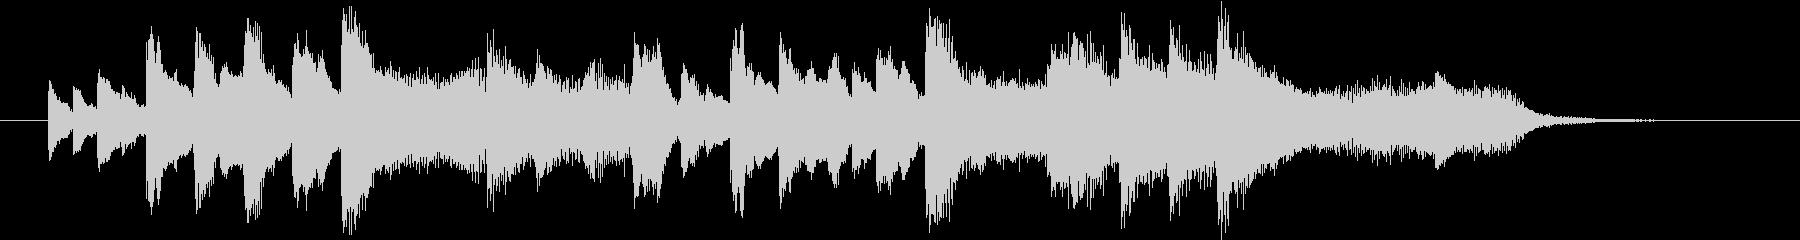 結婚式効果音_ブーケ02の未再生の波形